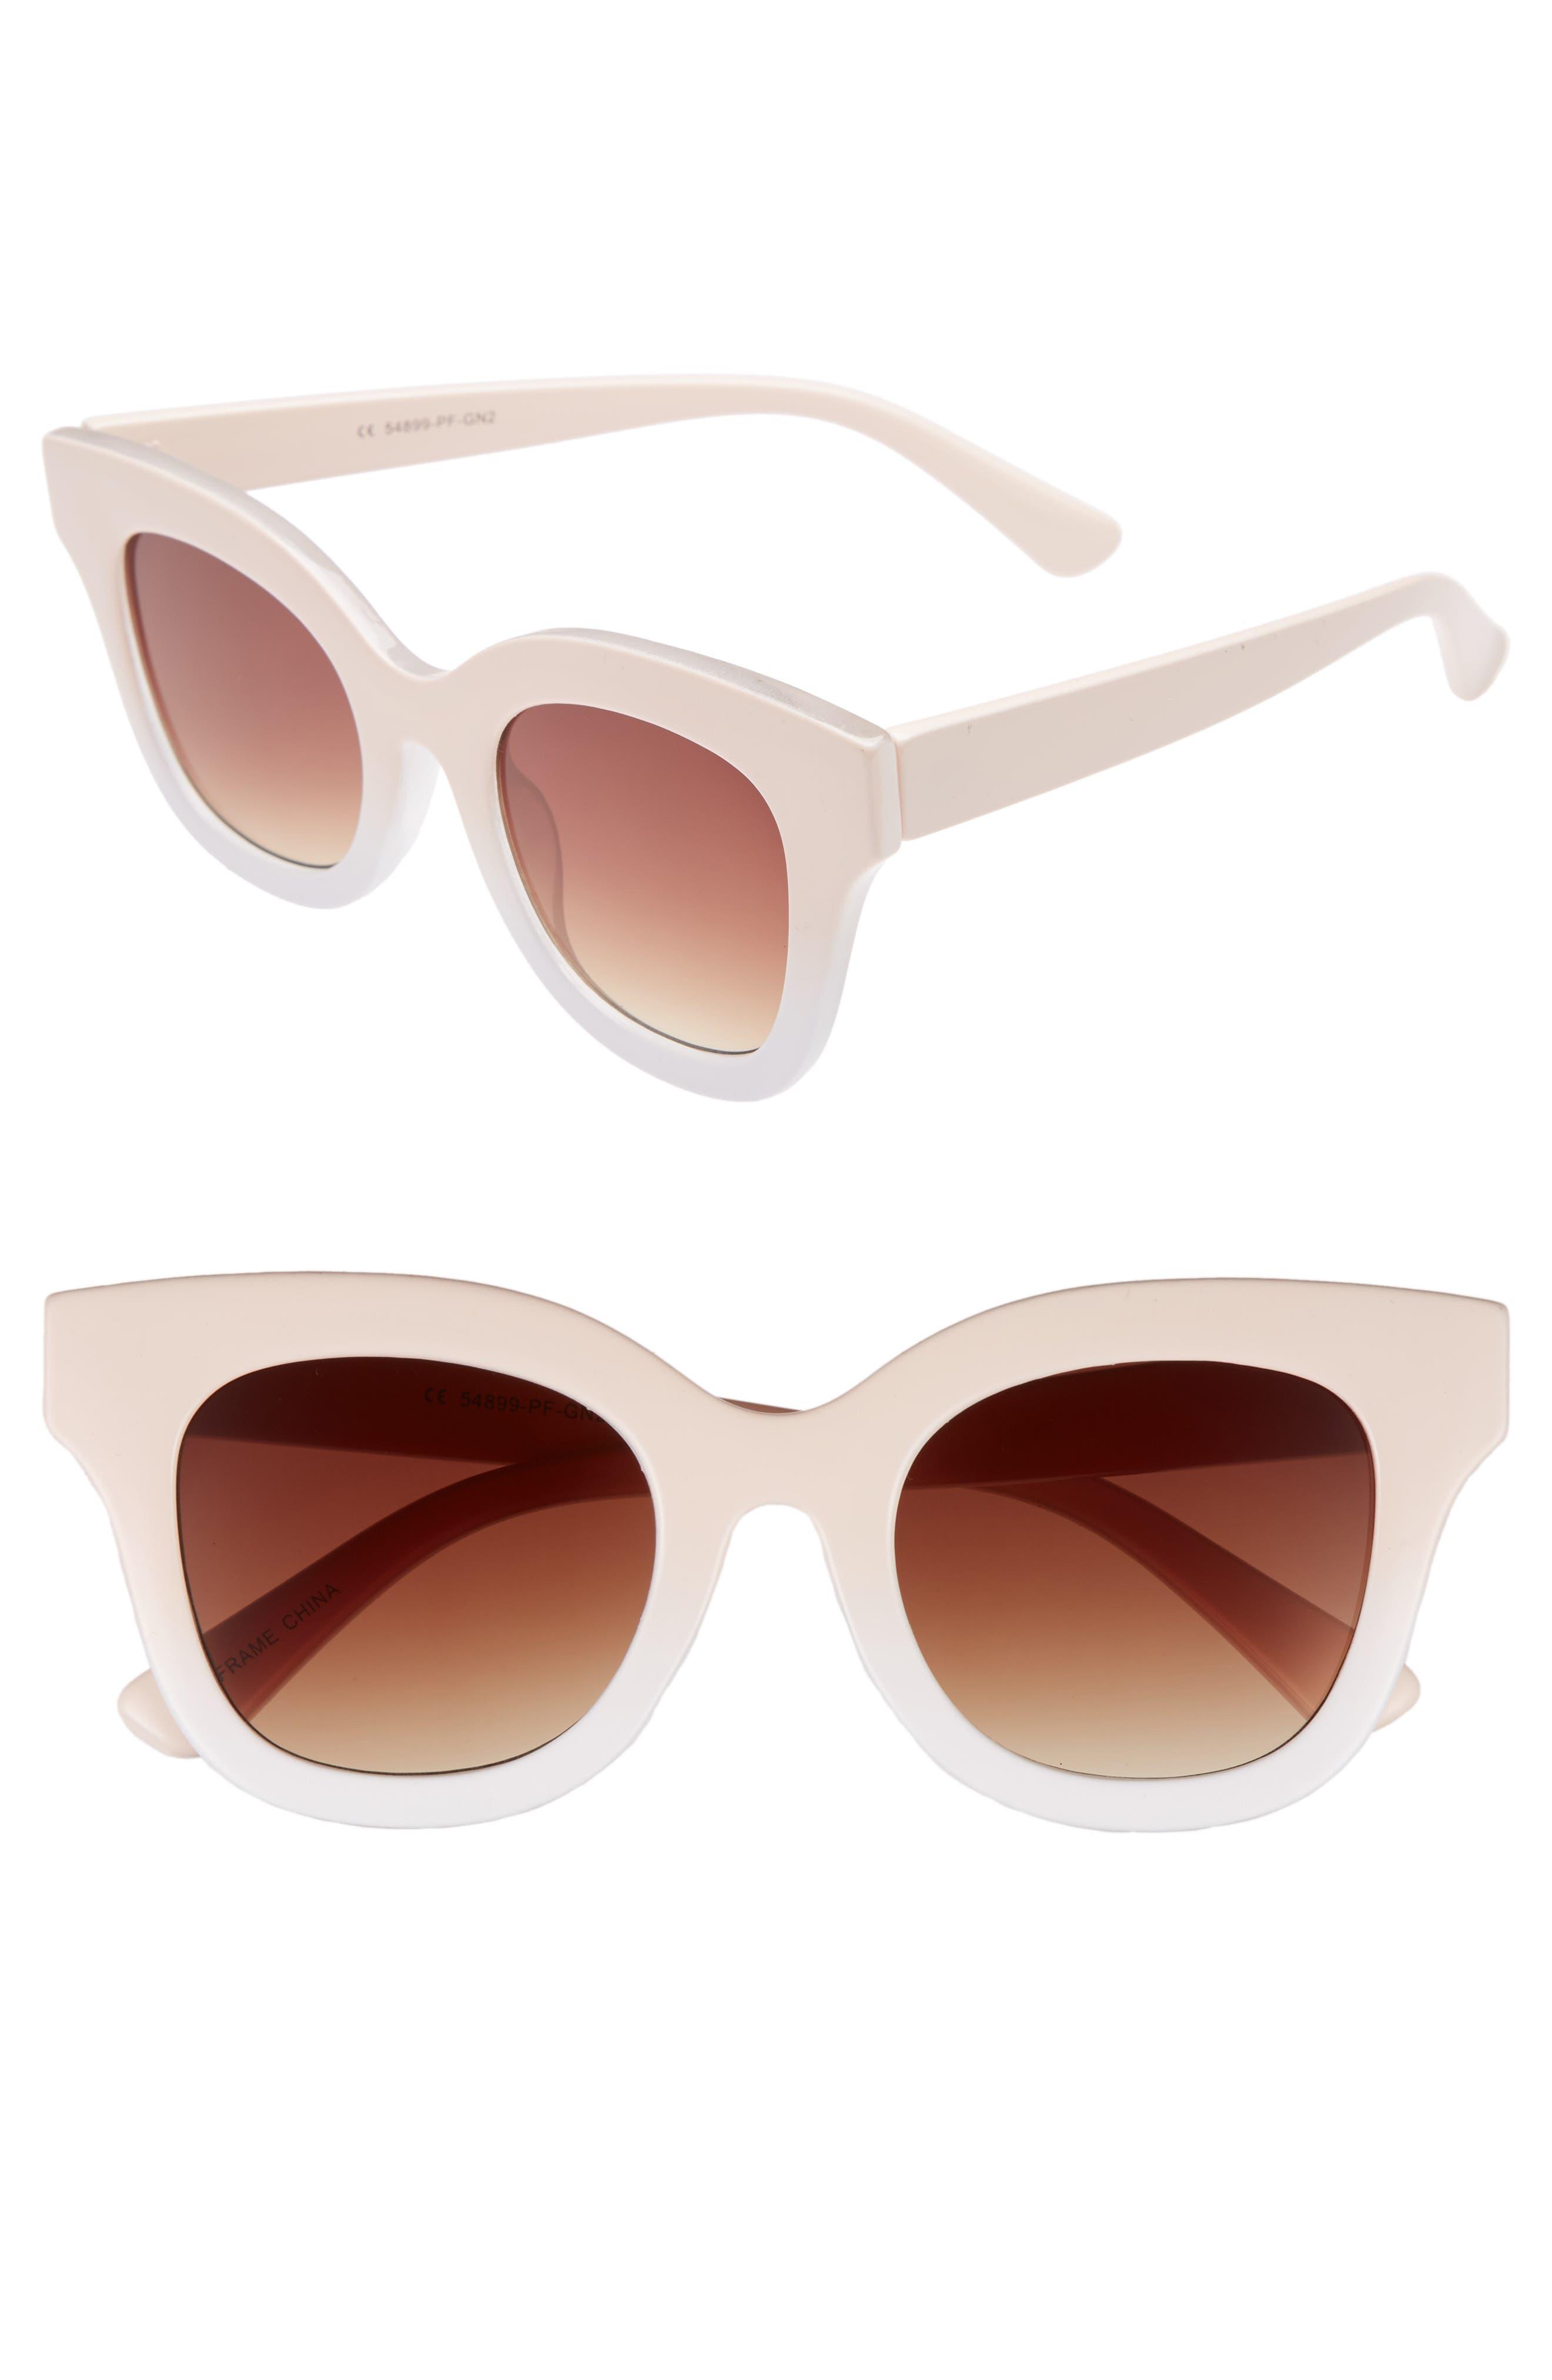 50mm Ombré Square Sunglasses,                         Main,                         color, Pink